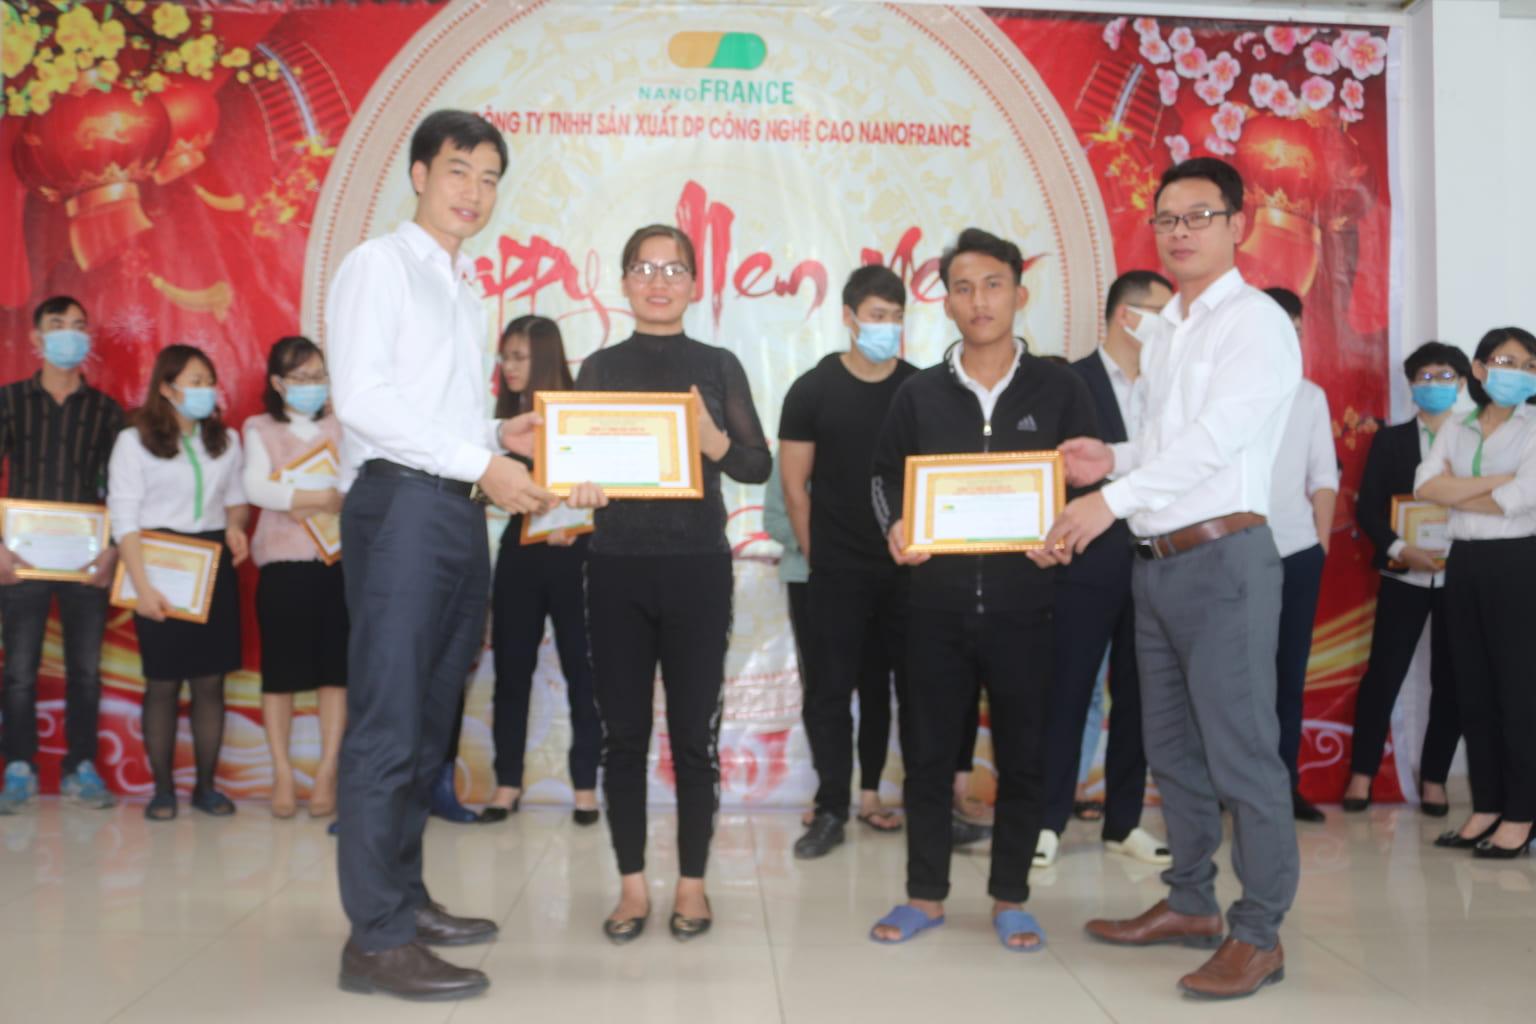 Cán bộ công nhân viên xuất sắc lần lượt lên nhận phần thưởng và bằng khen,,